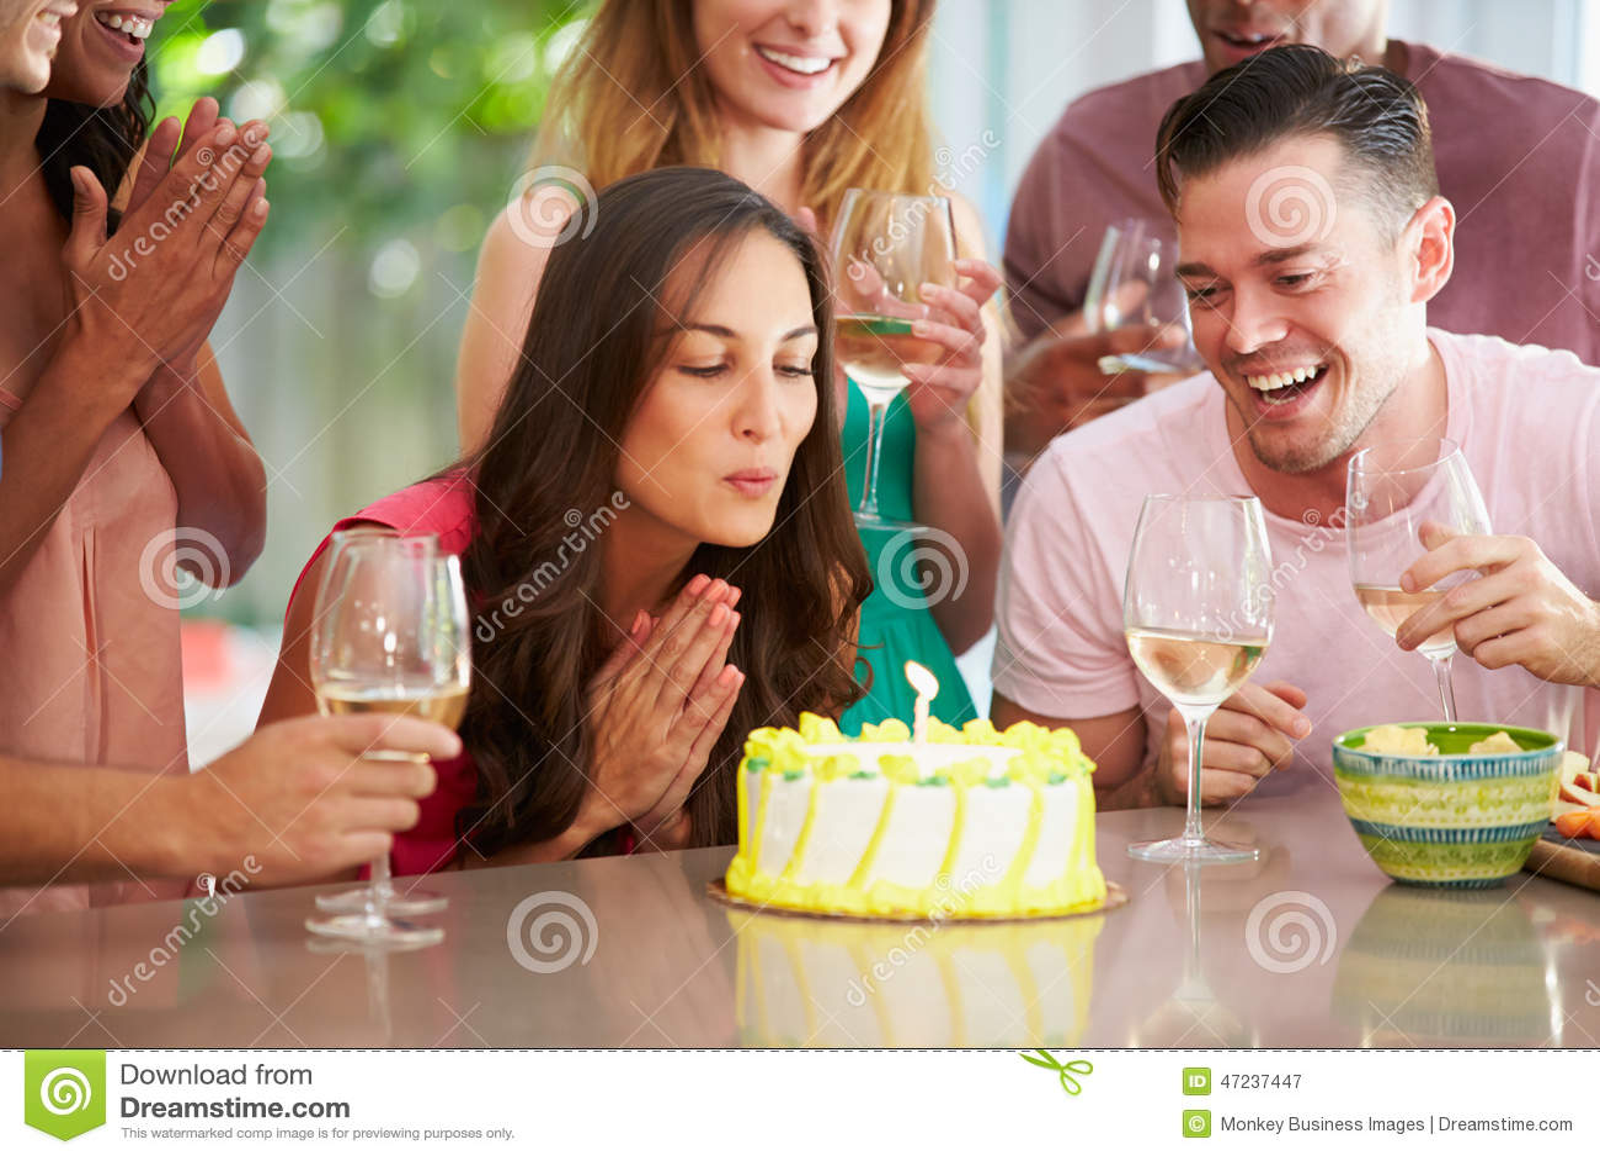 Grupa przyjaciele Świętuje urodziny W Domu